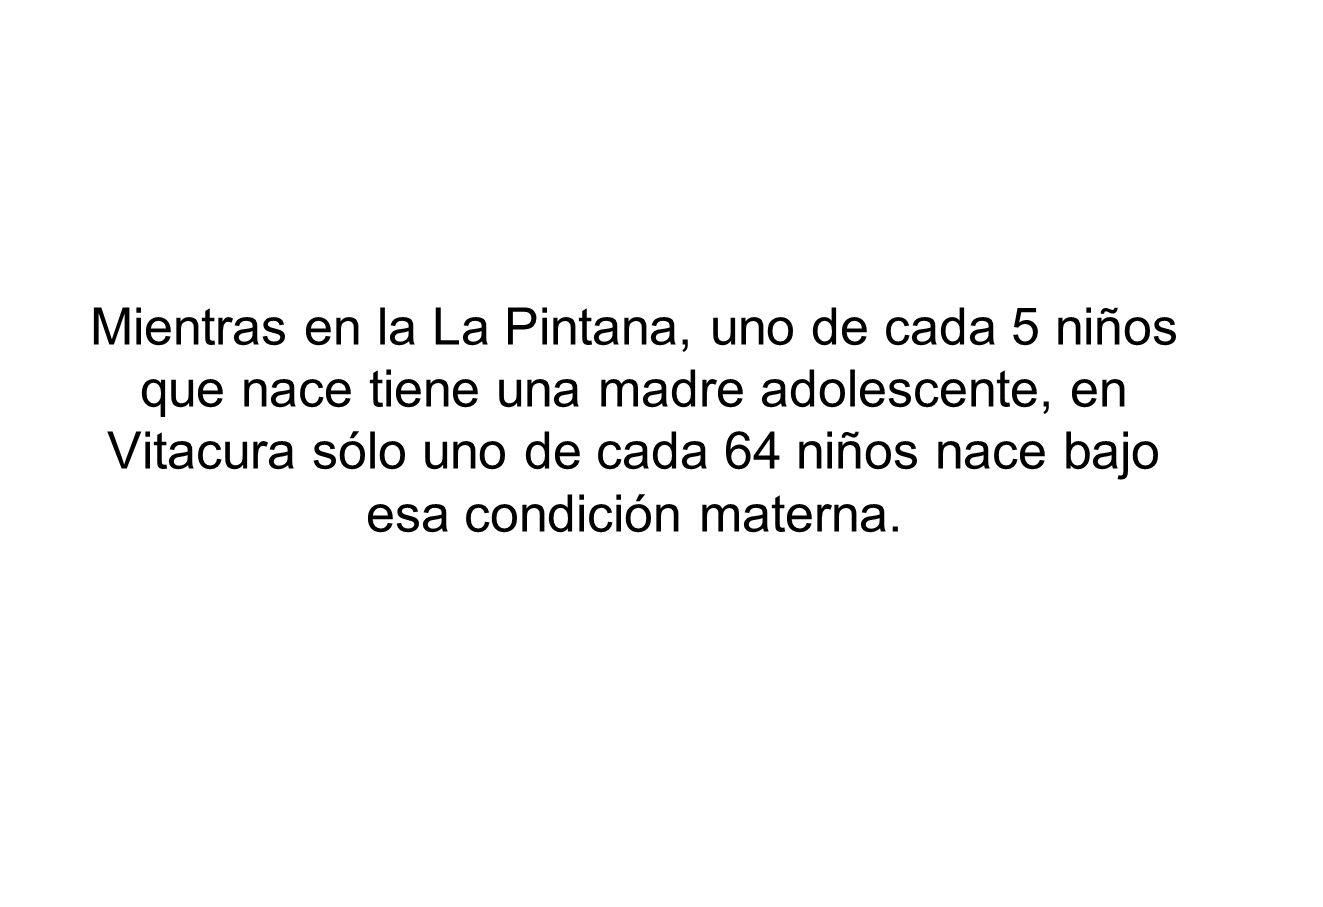 Mientras en la La Pintana, uno de cada 5 niños que nace tiene una madre adolescente, en Vitacura sólo uno de cada 64 niños nace bajo esa condición materna.